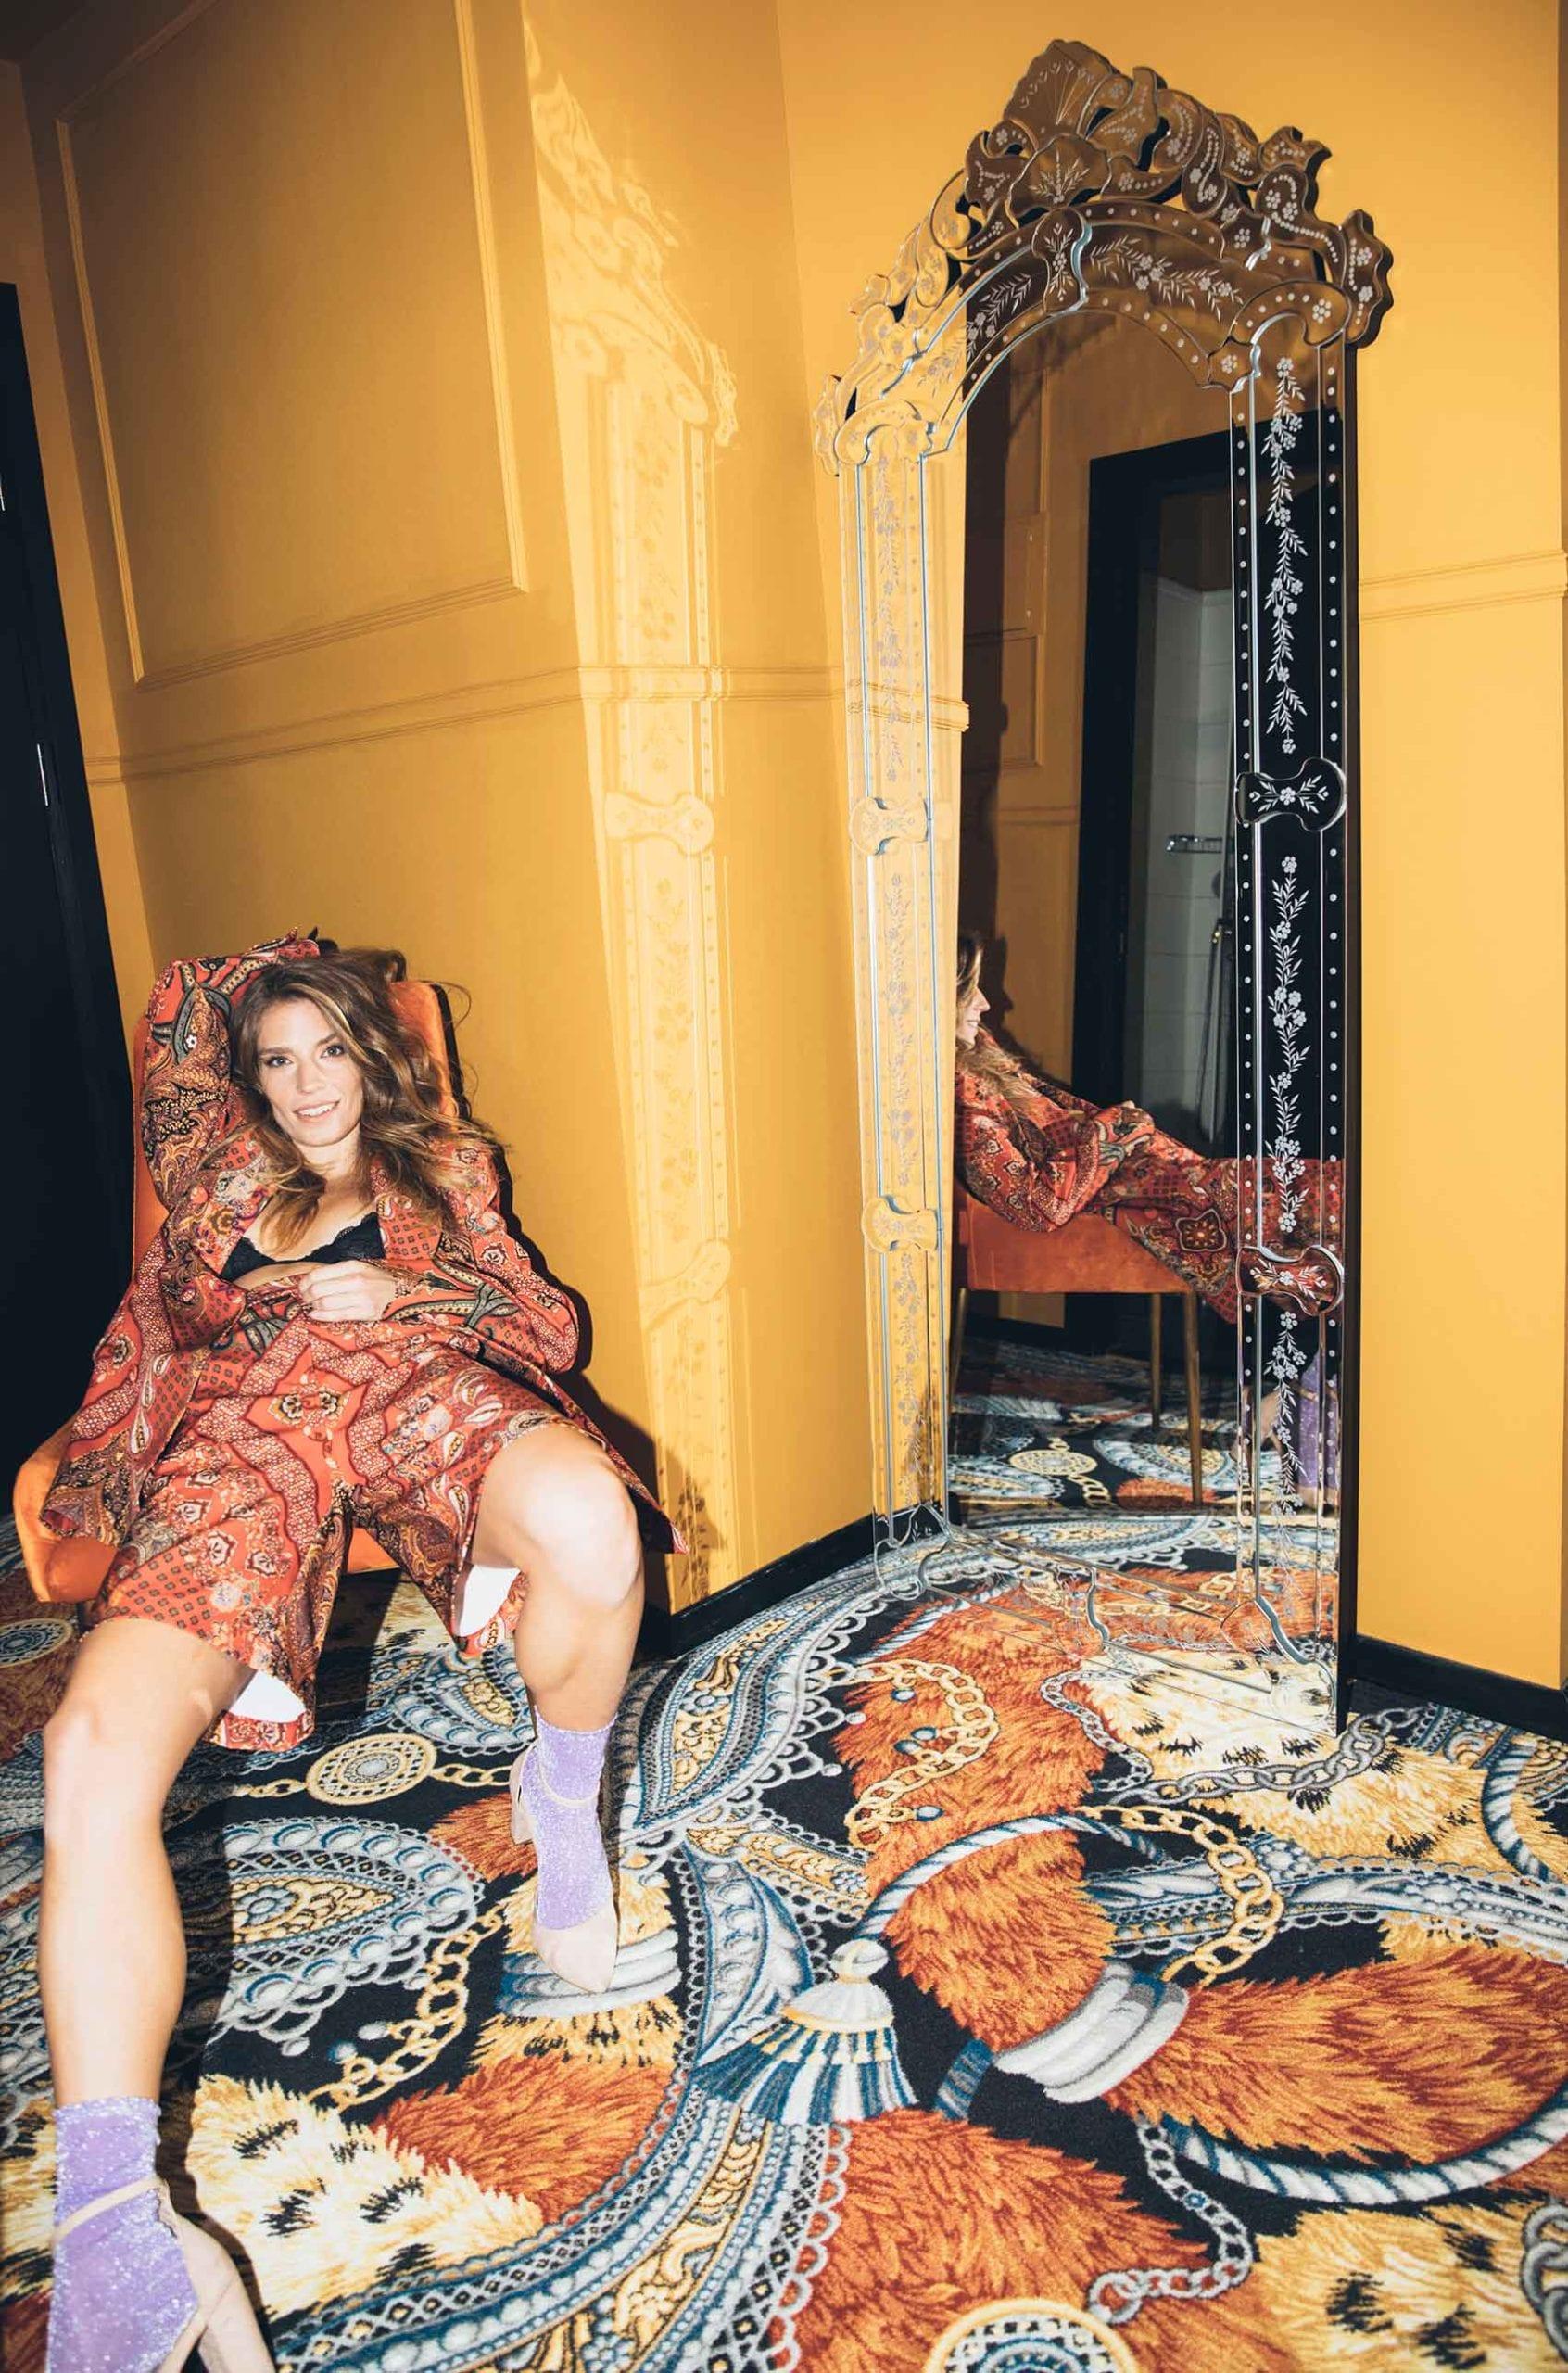 רונה-נאמן-חליפה פייזל אדומה: ברנדה-אופנה-מלונות-בראון